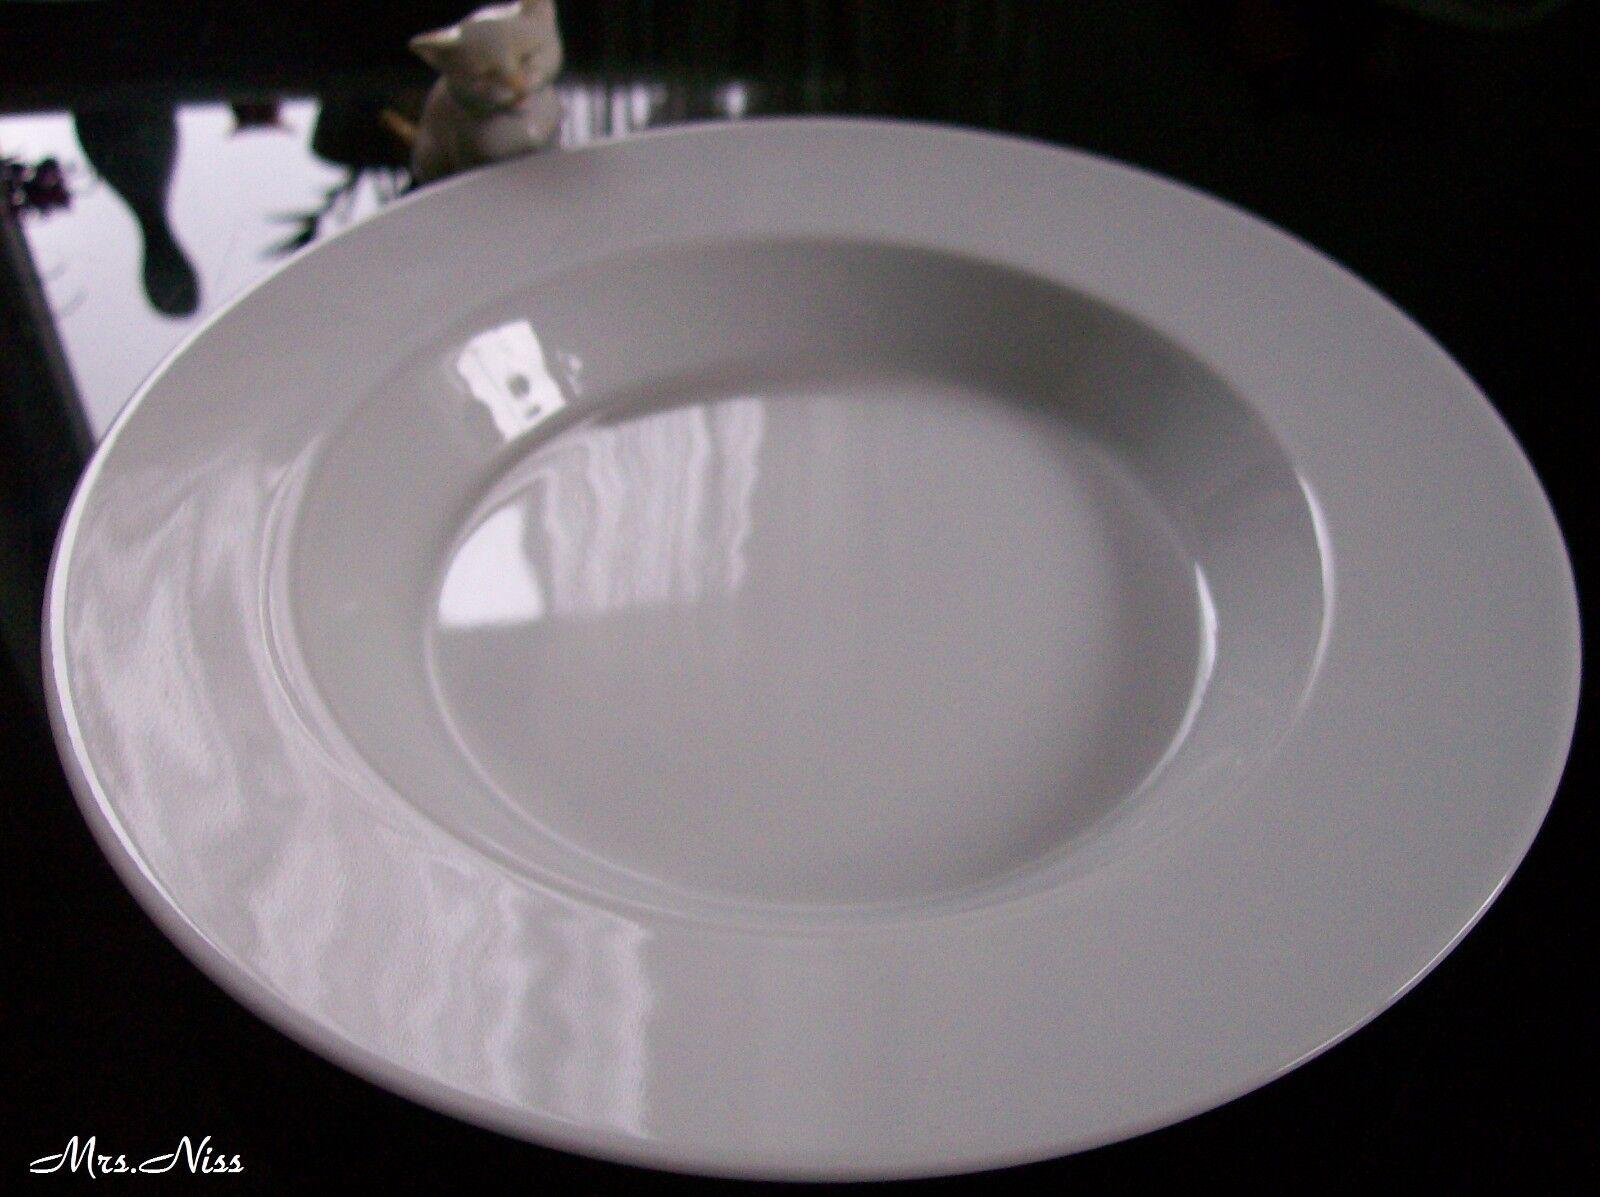 Rosenthal culture Blanc 4 x assiettes à soupe 25 cm  NEUF 1. choix